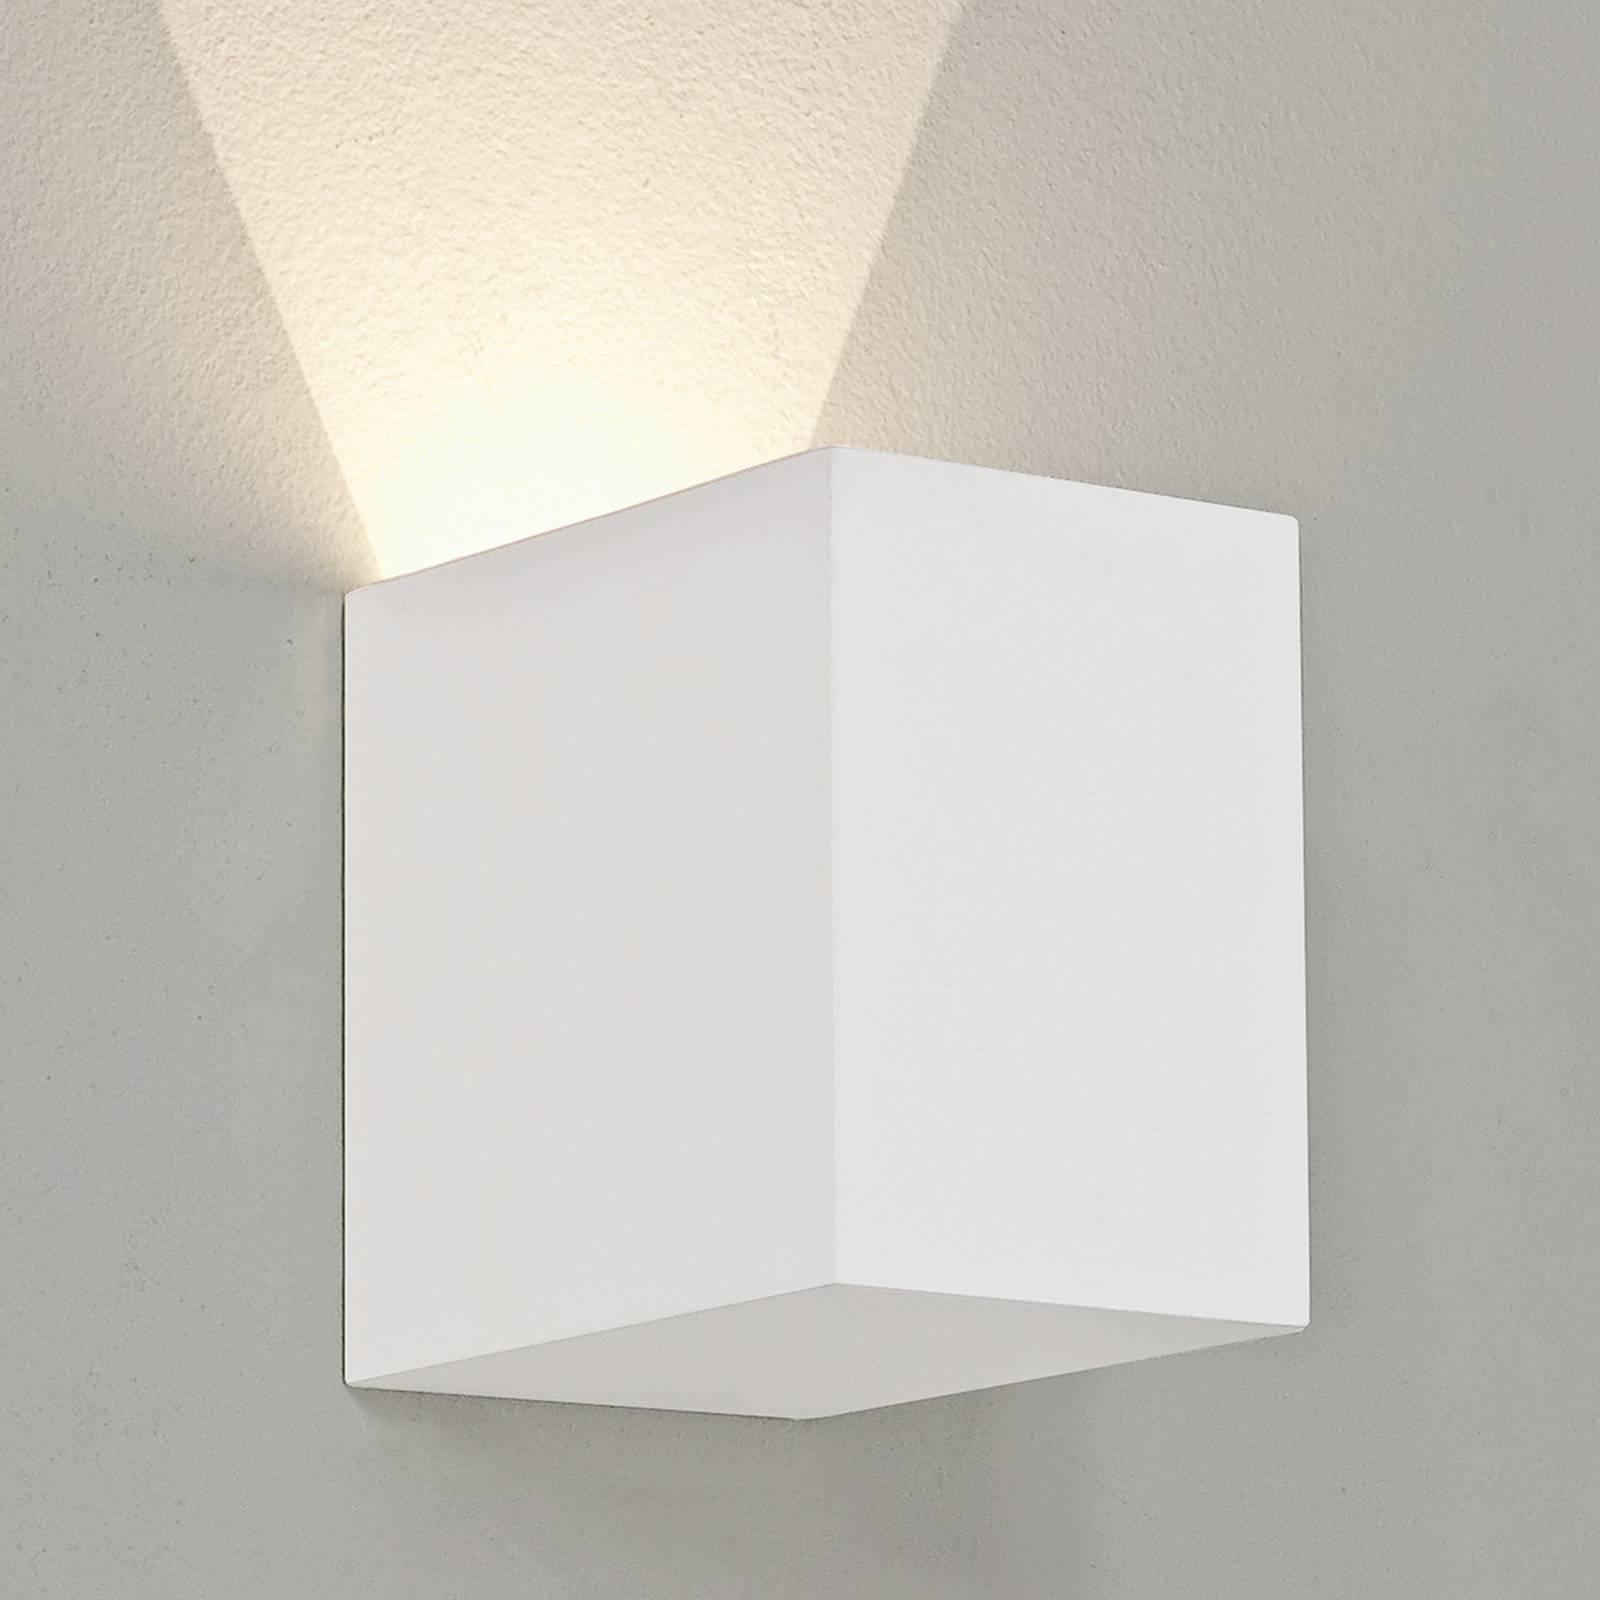 Astro Parma 100 -LED-seinävalaisin kipsiä, 2 700 K